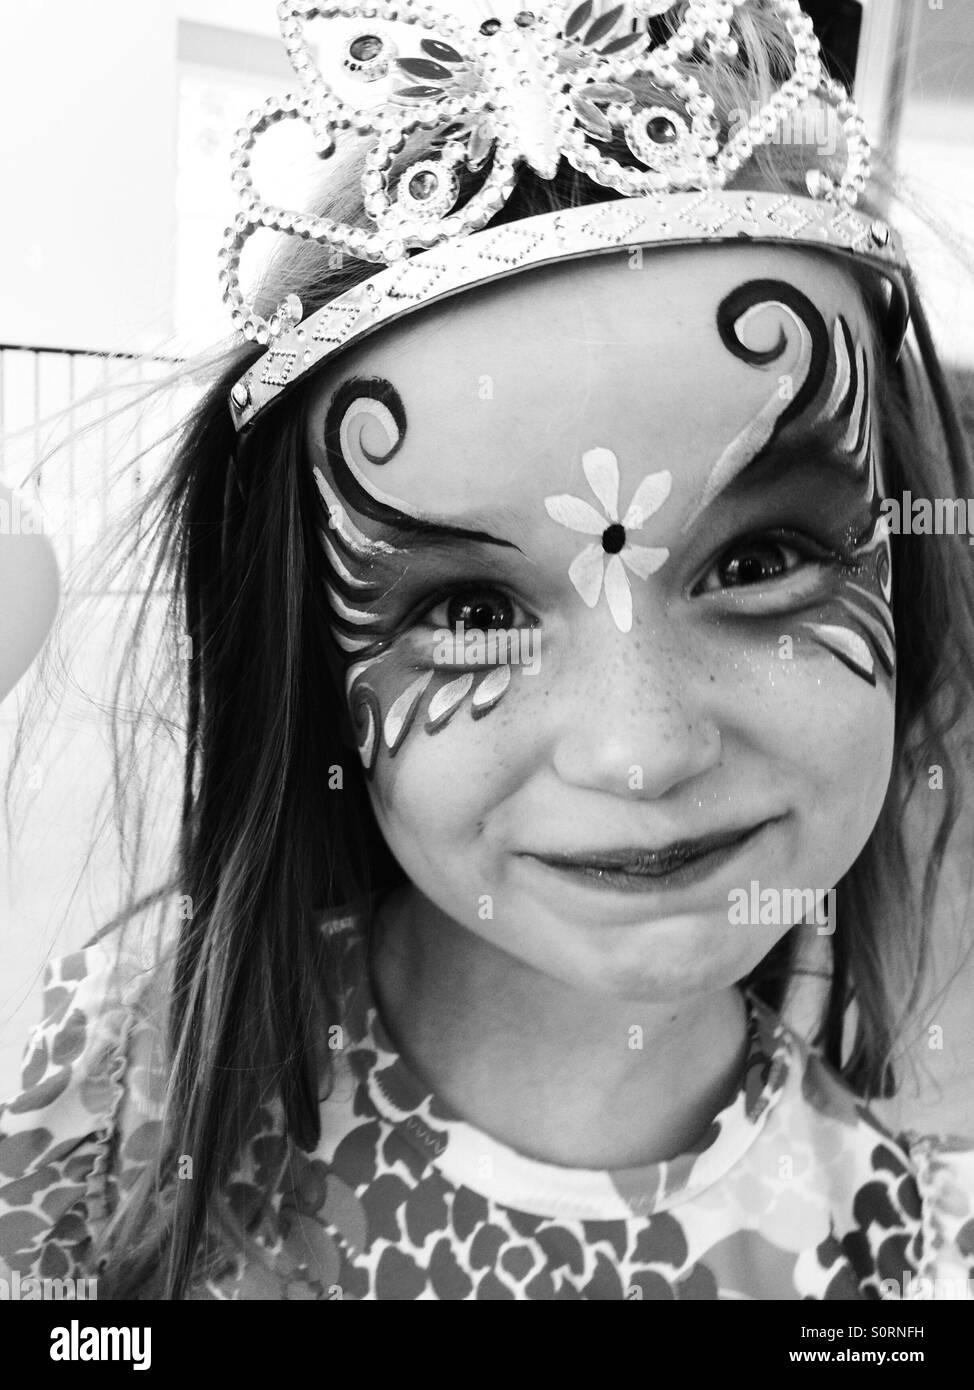 Chica con pintura facial y tiara Imagen De Stock